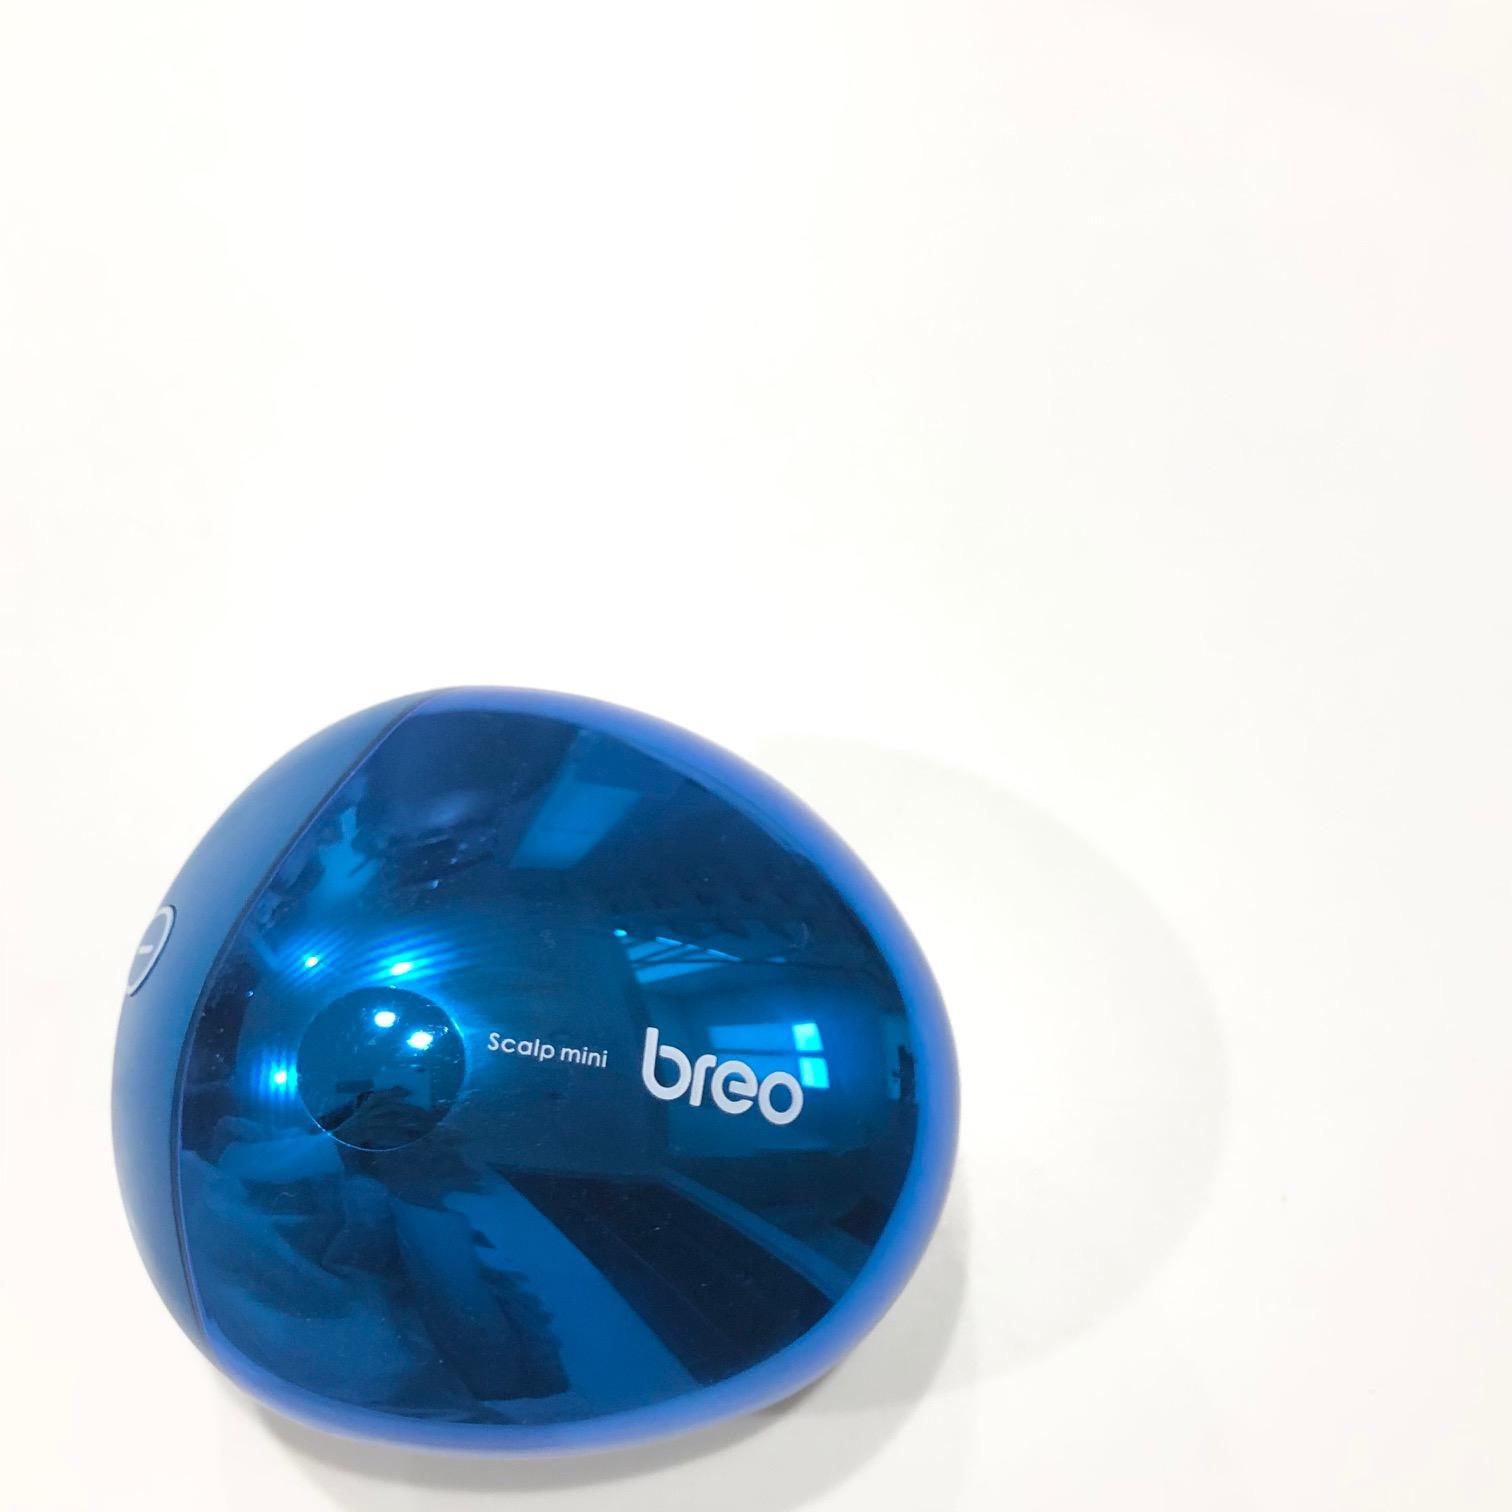 breo(ブレオ)スカルプ ミニを使ったindexさんのクチコミ画像2